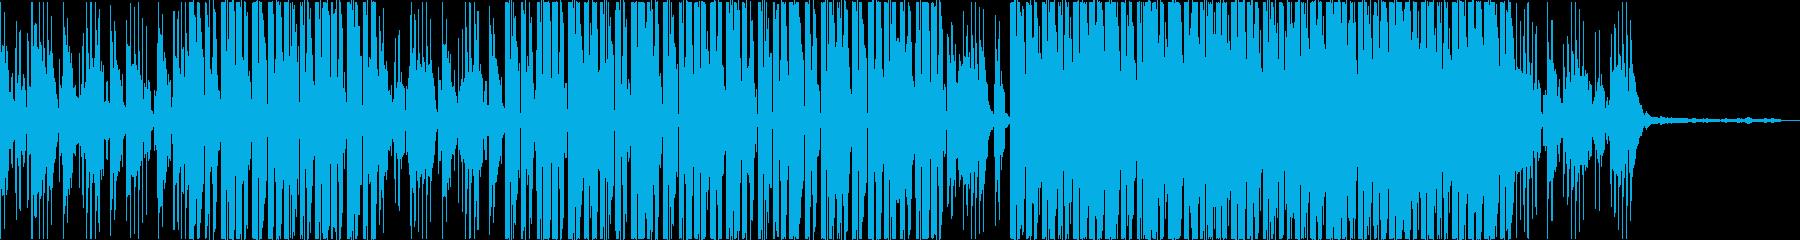 雨の予感の再生済みの波形